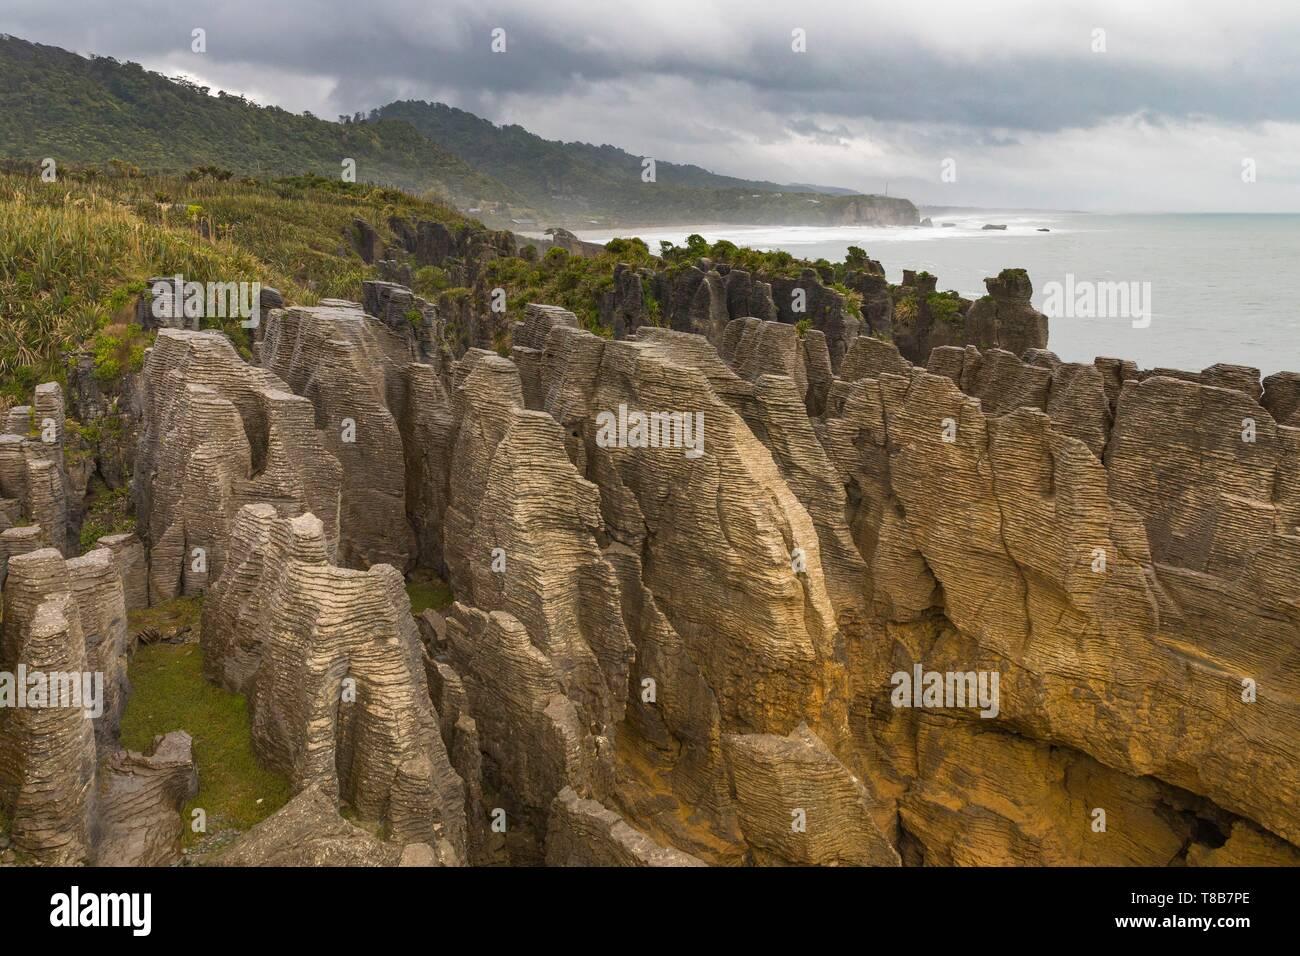 Nueva Zelanda, Isla del Sur, la región de la costa oeste, en Punakaiki, Pancake Rocks Foto de stock